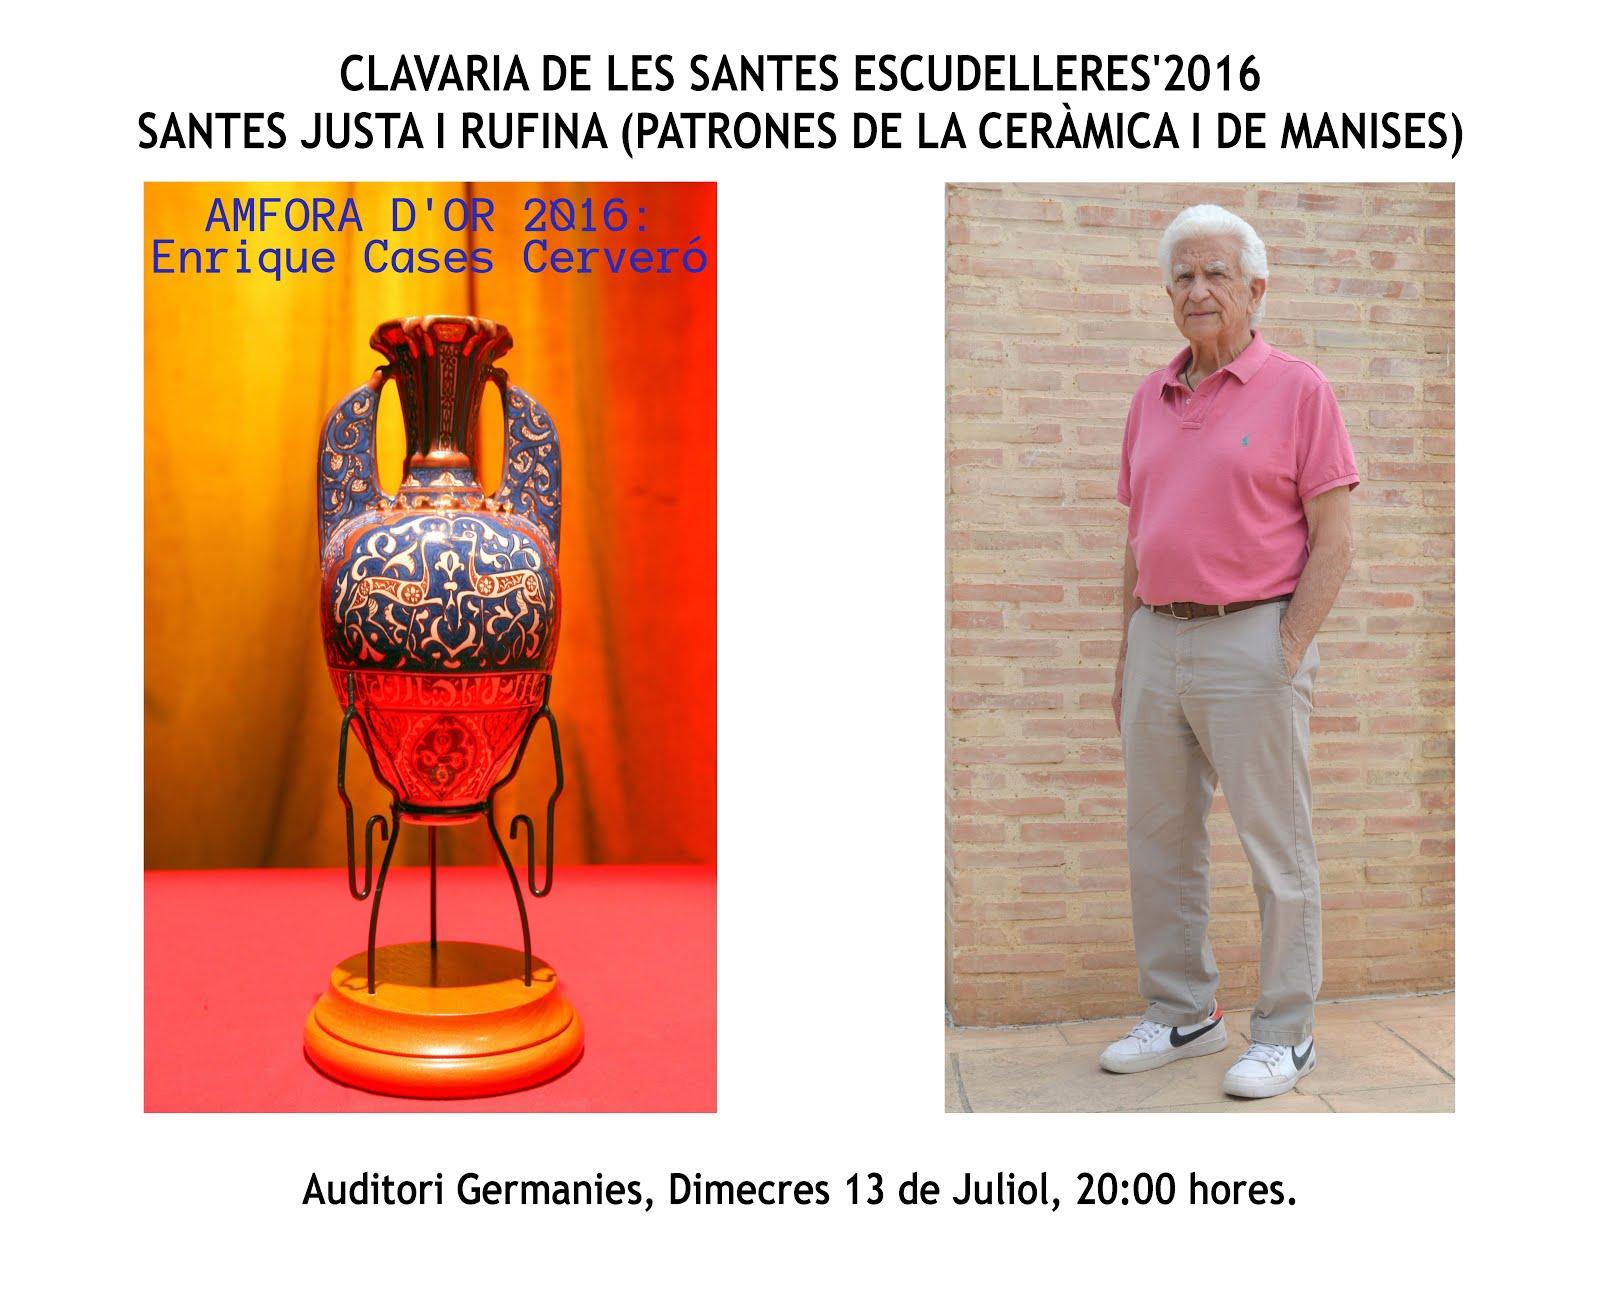 13.0717 LA CLAVARIA DE LAS SANTAS JUSTA Y RUFINA HACE ENTREGA DE L'AMFORA D'OR A ENRIQUE CASES.